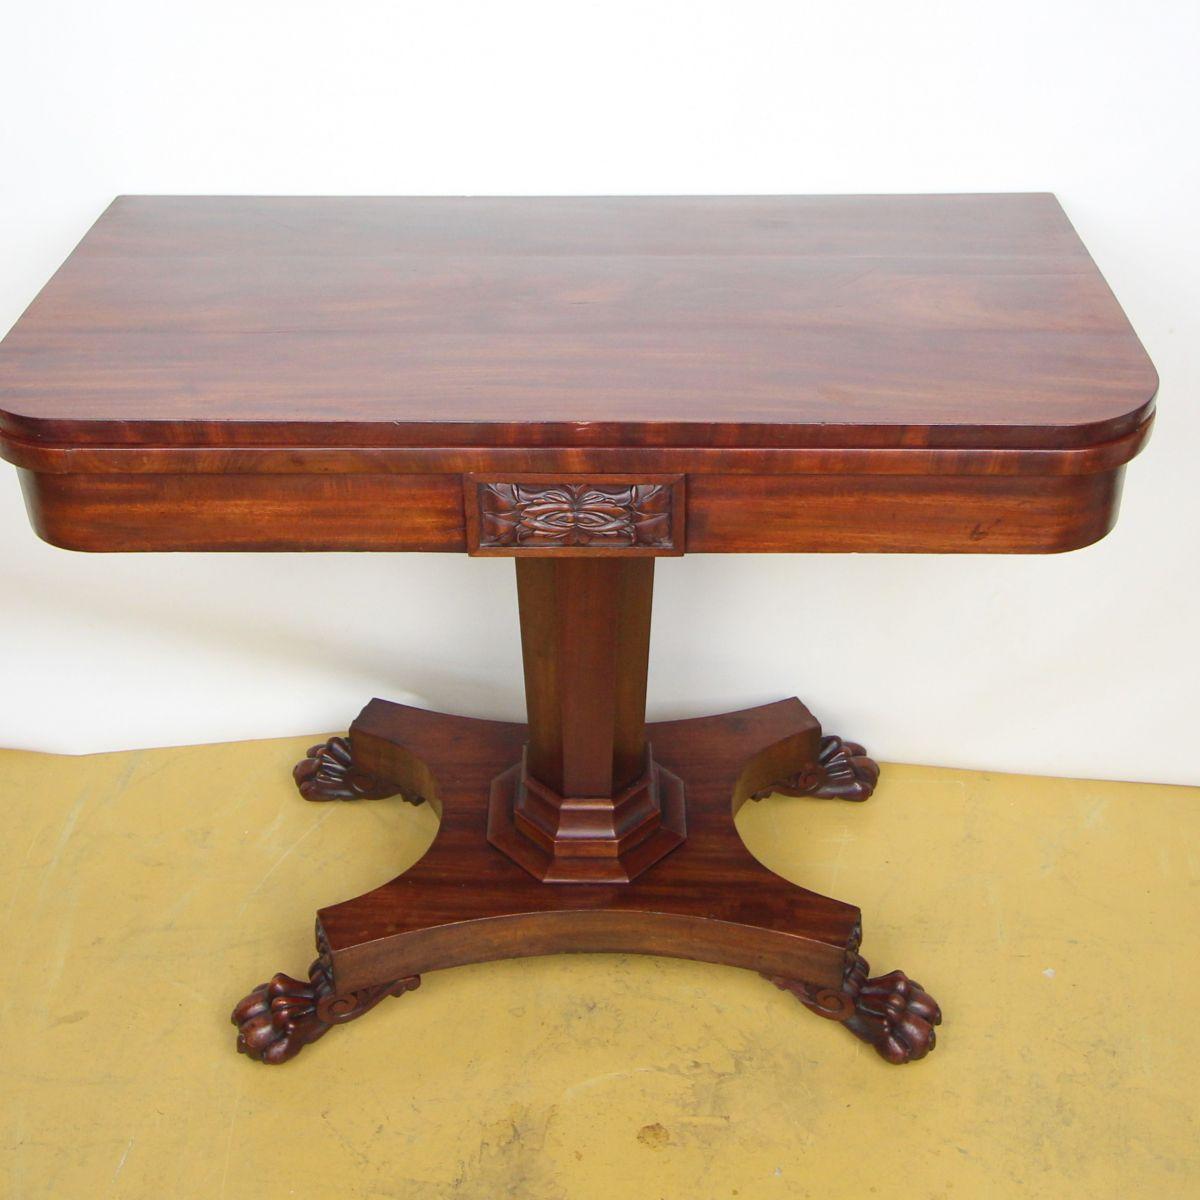 Speeltafel Hollands 1ste helft 19de eeuw